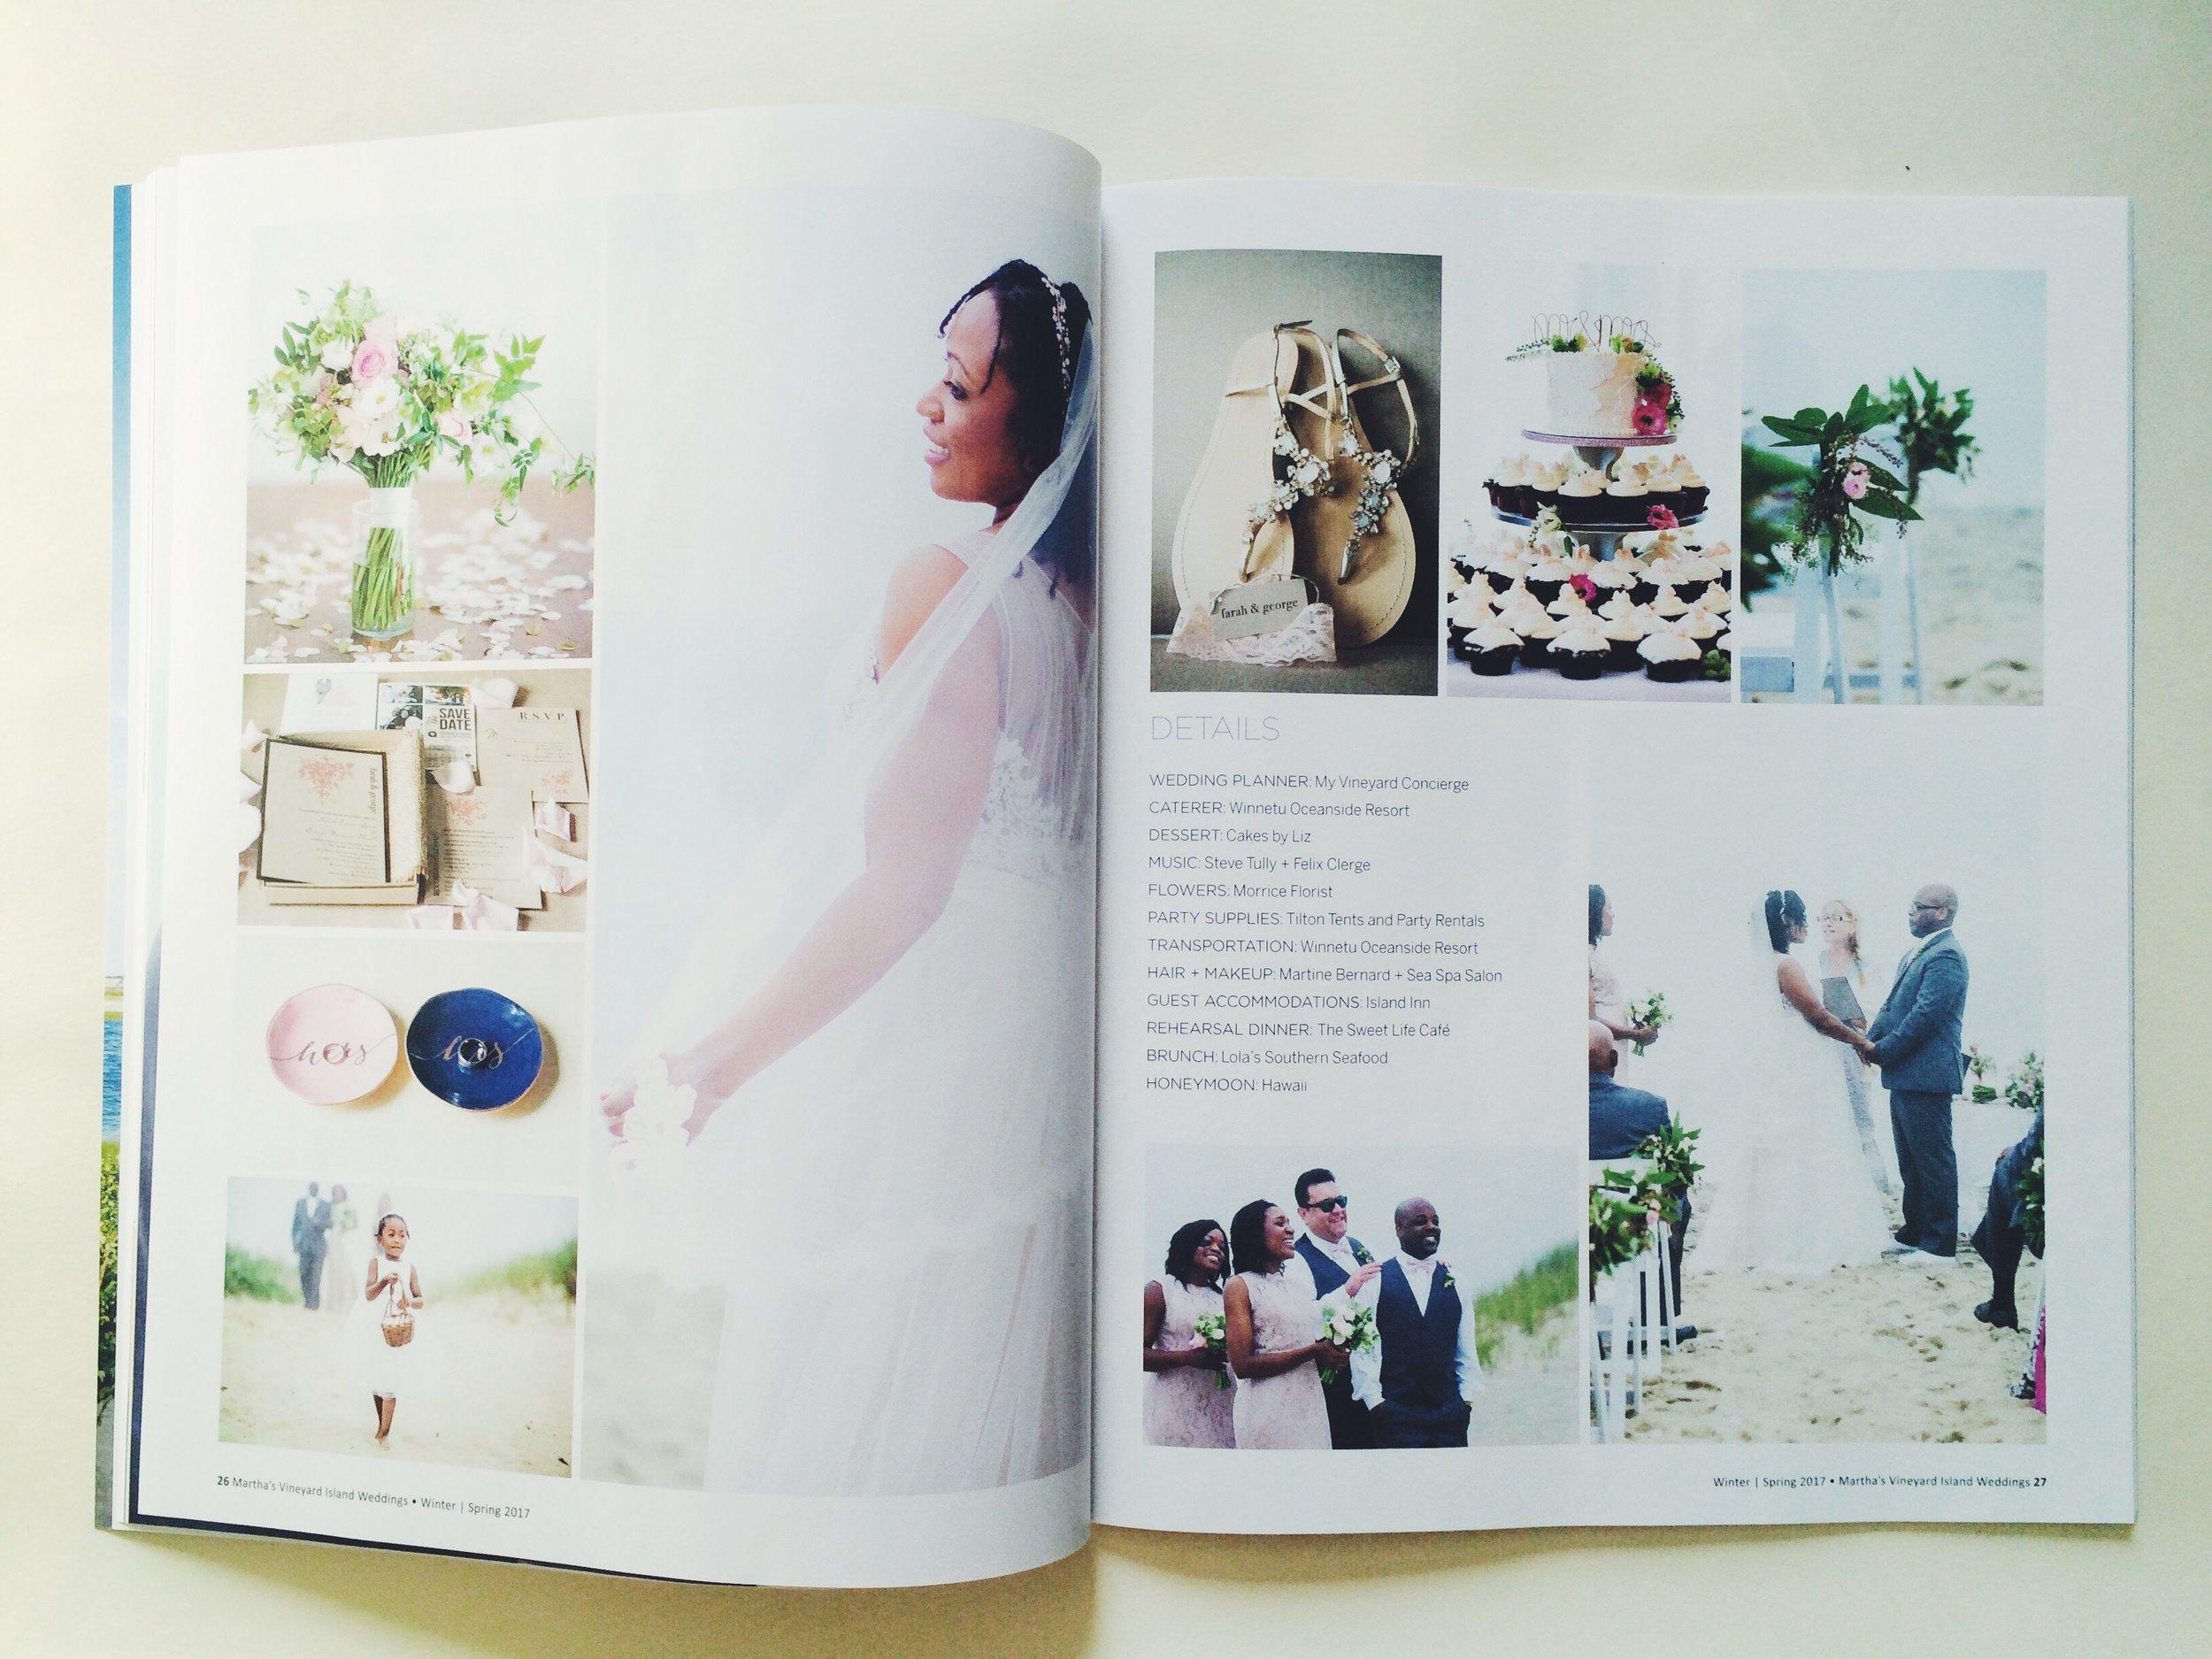 Martha's Vineyard Wedding, Island Weddings - Boston Wedding Photographer